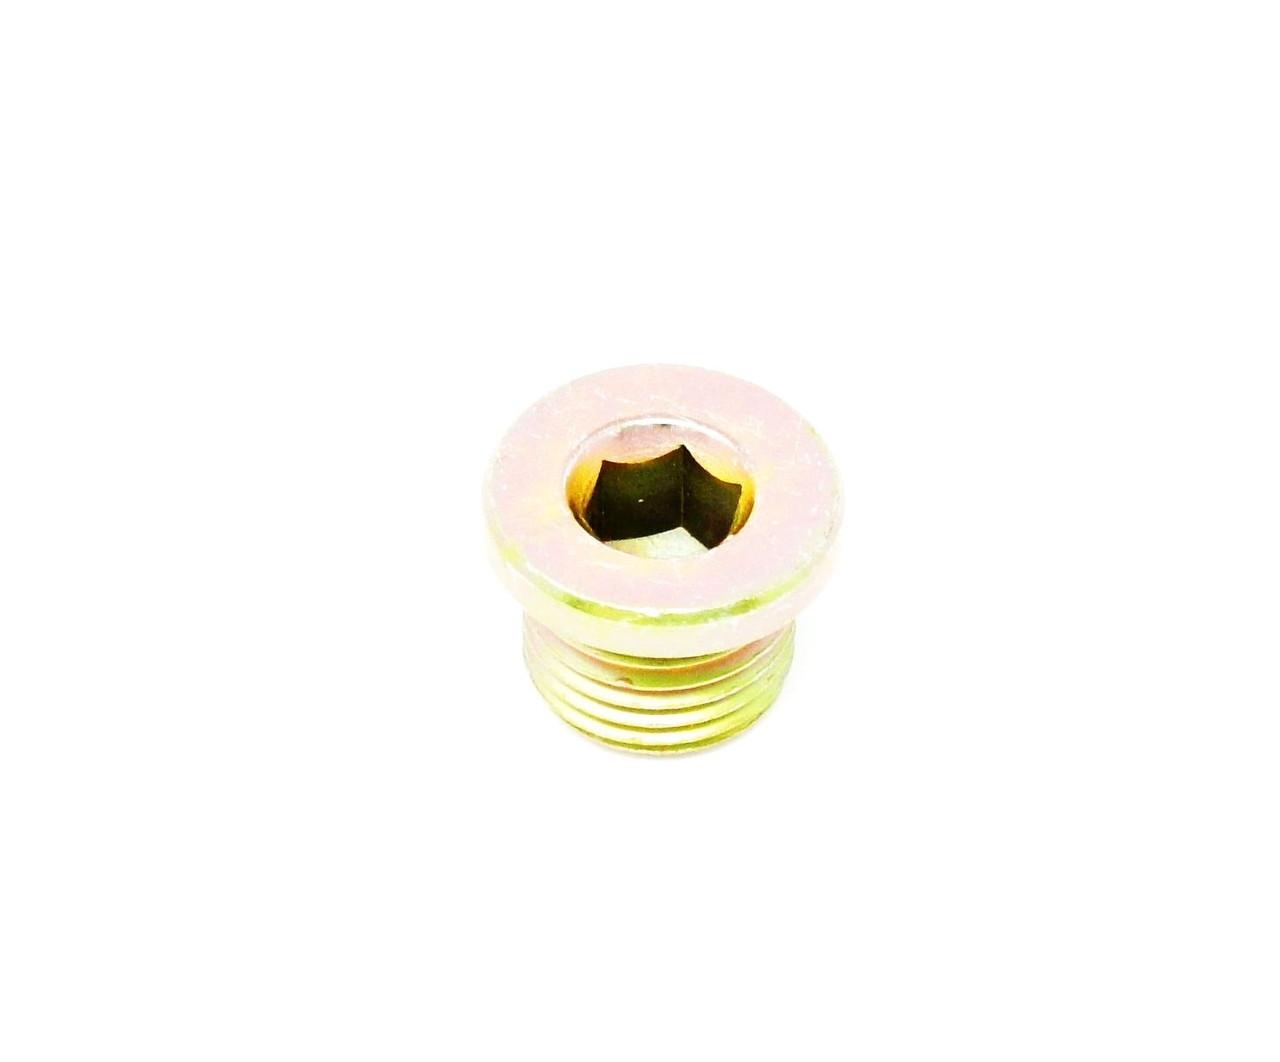 20. PLUG, OIL DRAIN (NON-MAGNETIC)